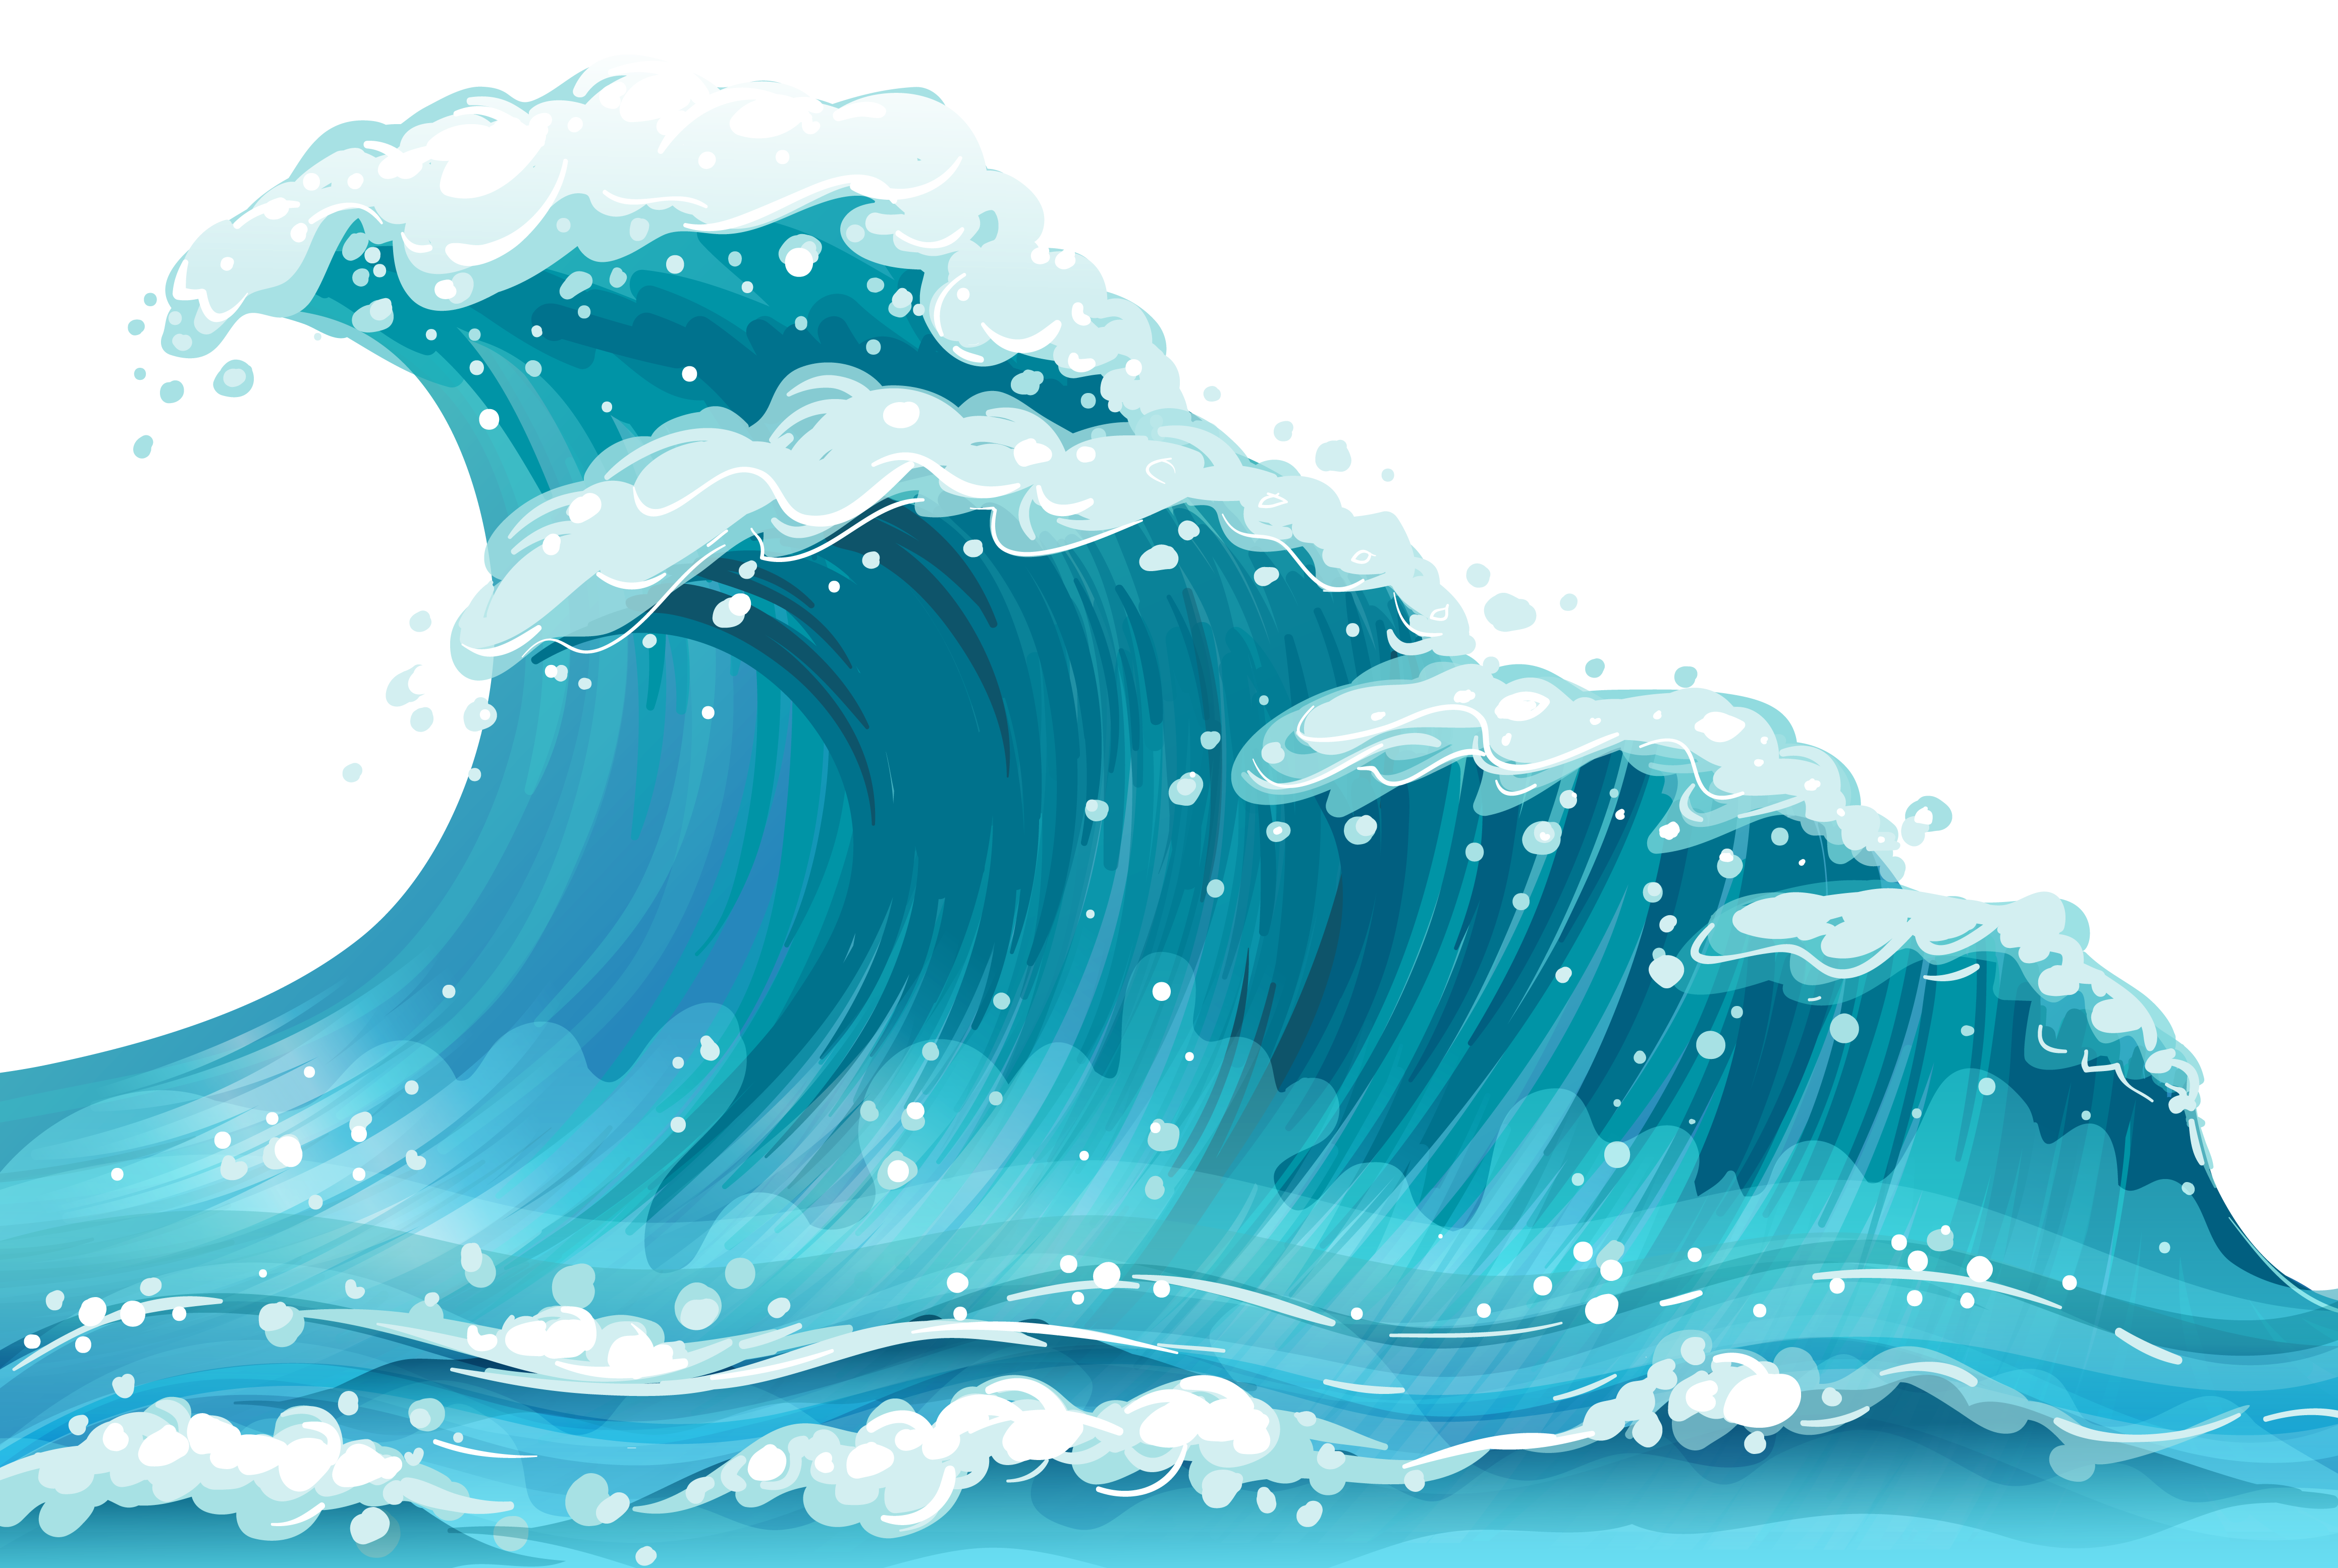 Ocean wave clipart clip art transparent library Pin by gökhan on Çocuklar | Sea waves, Wave clipart, Waves clip art transparent library